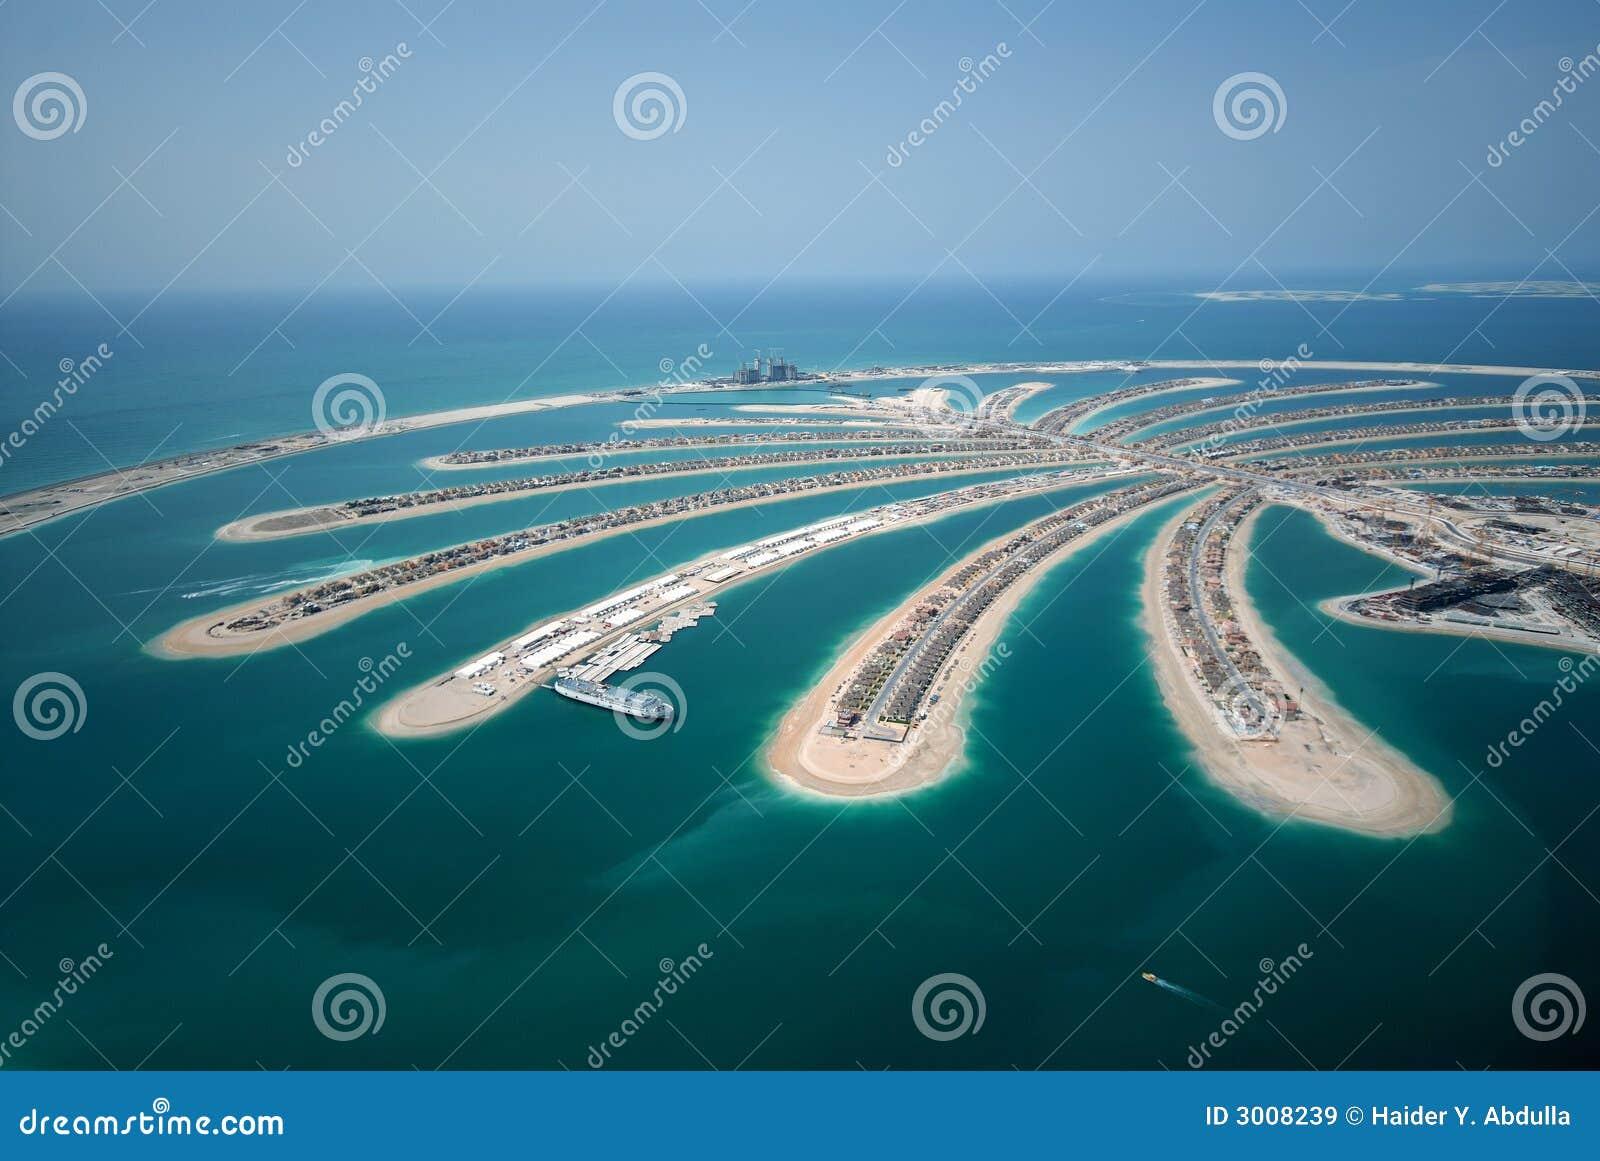 Console da palma de Jumeirah